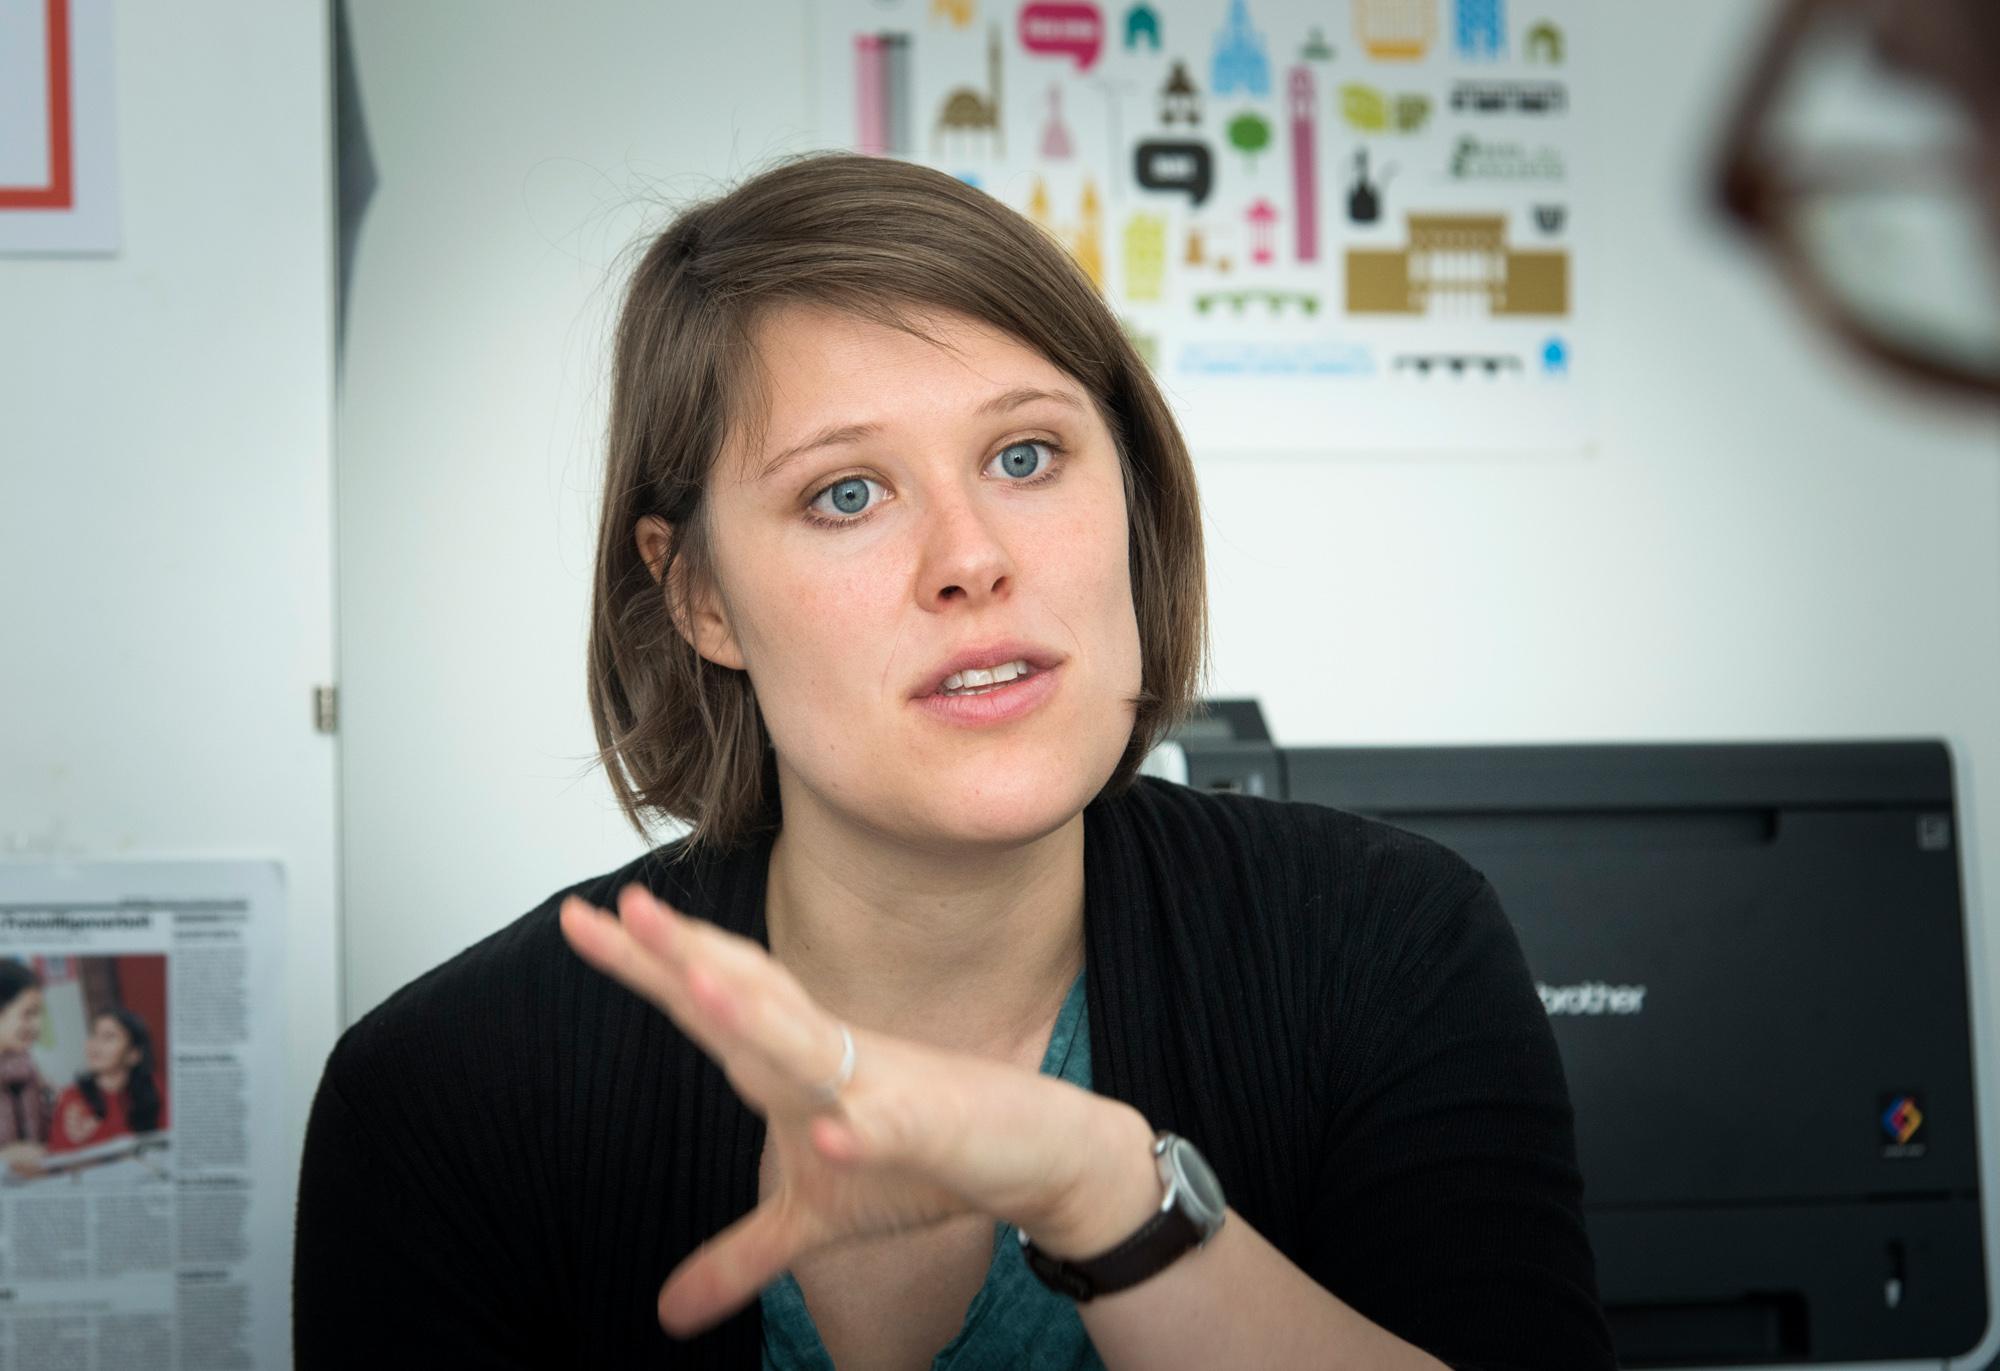 Studiert nebenher Geschichte und Erziehungswissenschaften in Bern: Die 28-jährige Lena Bässler.